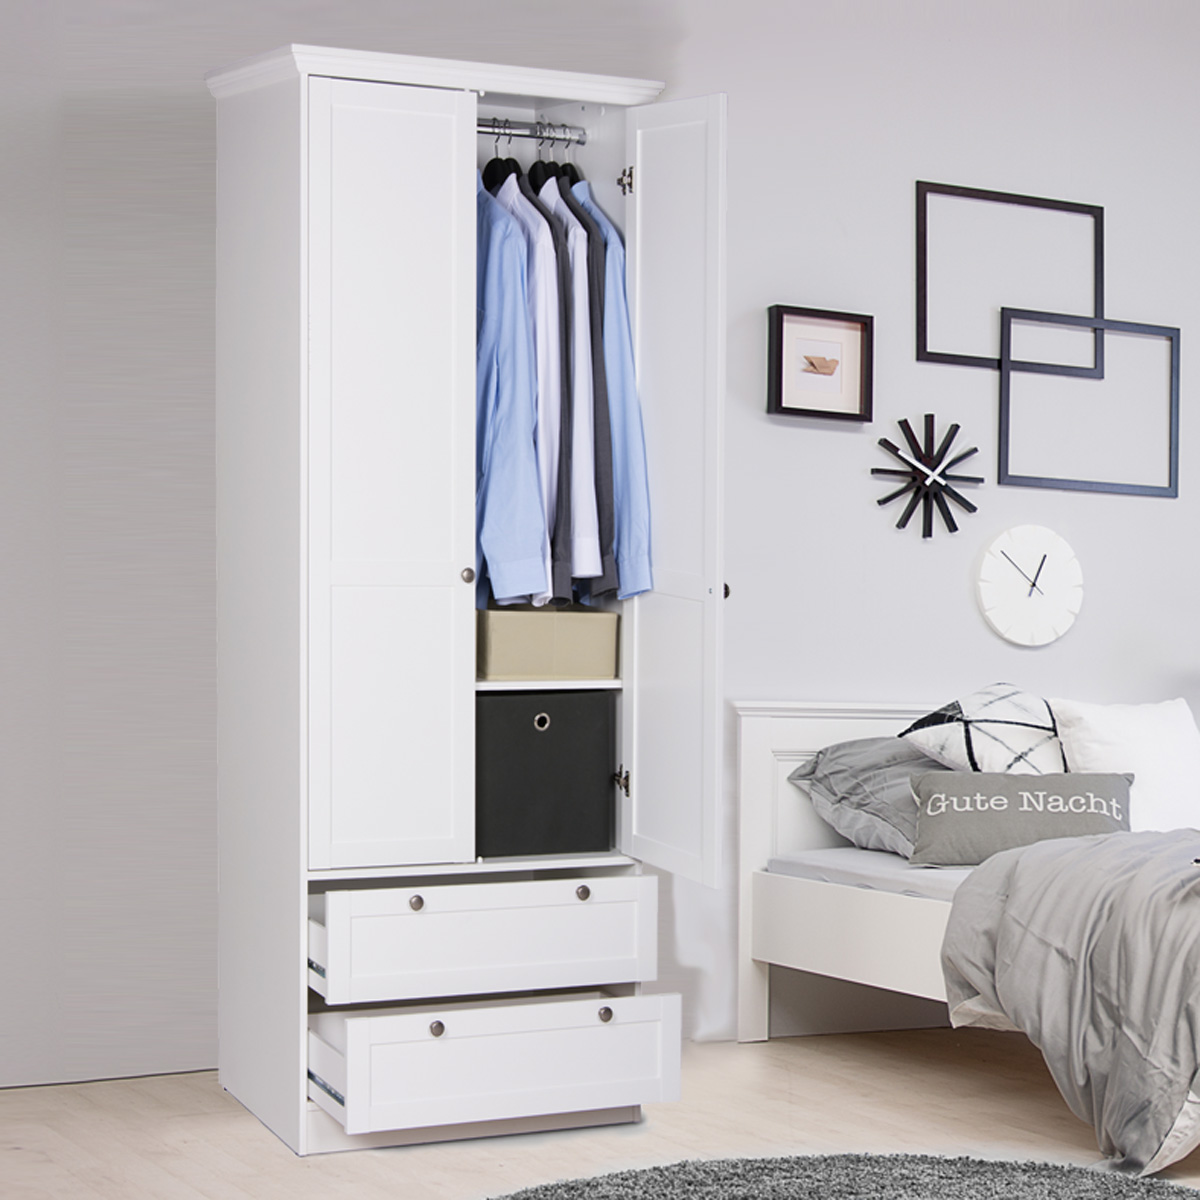 Kommode Landhausstil Ikea 2021